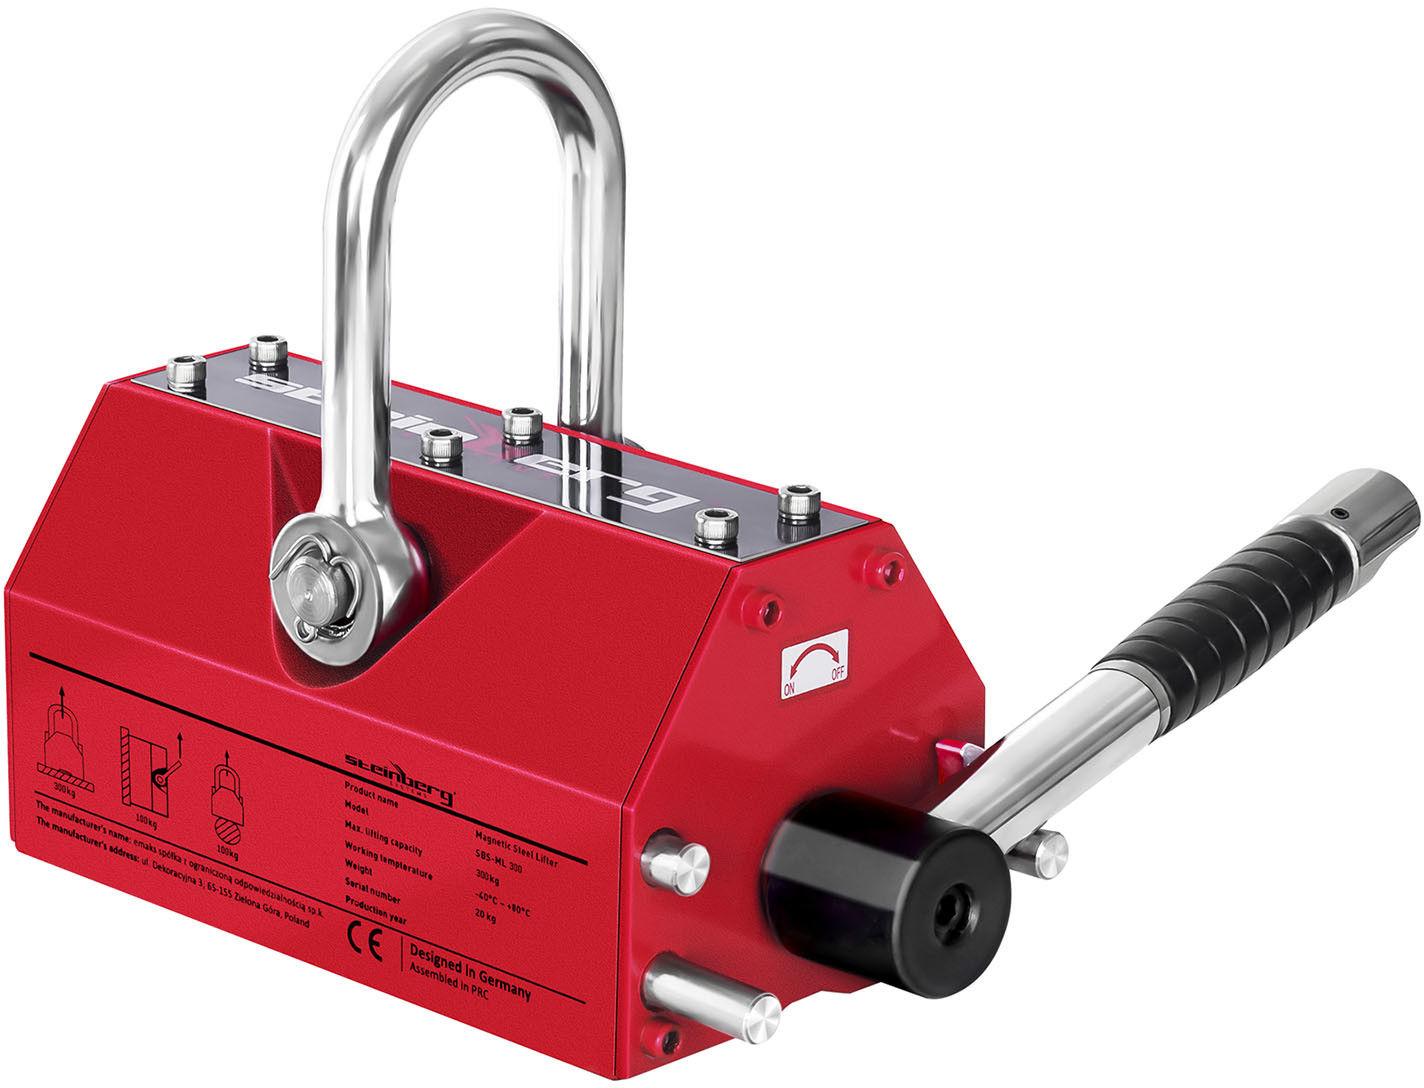 Podnośnik magnetyczny - 300 kg - Steinberg Systems - SBS-ML 300 - 3 lata gwarancji/wysyłka w 24h